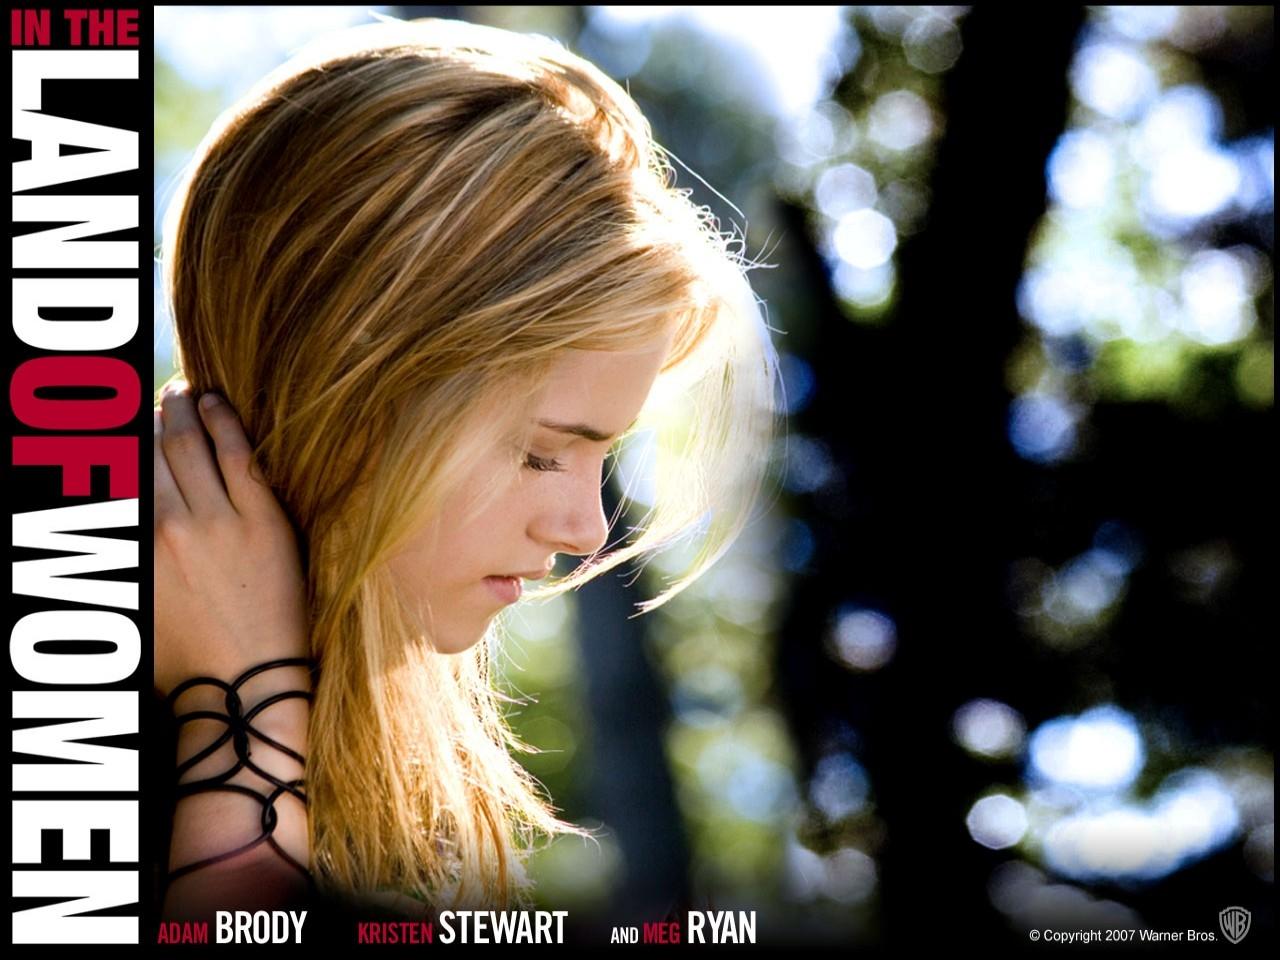 Wallpaper del film Il bacio che aspettavo, con Kristen Stewart